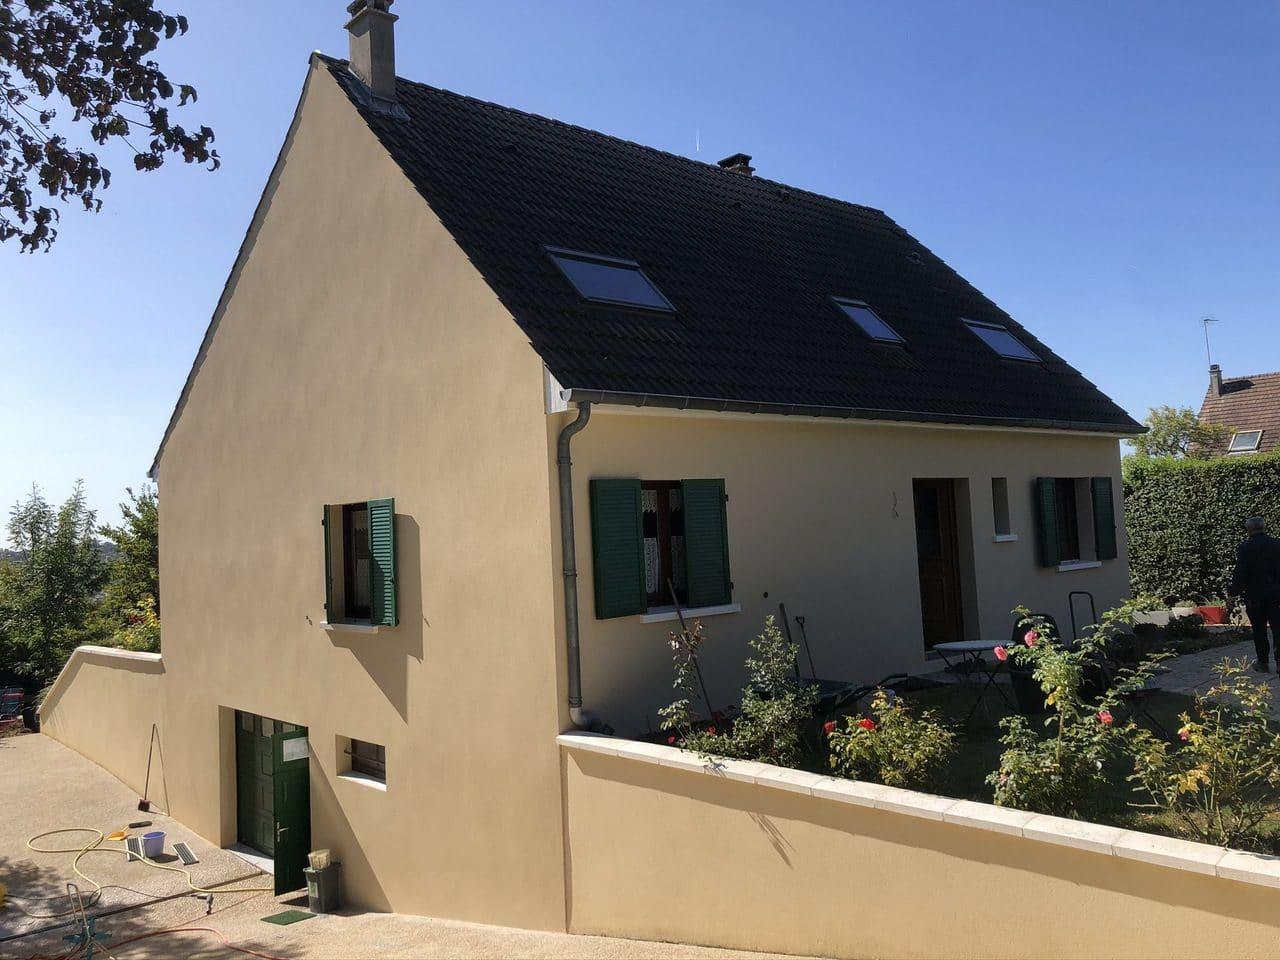 Ravalement de façade à Thorigny-sur-Marne après travaux